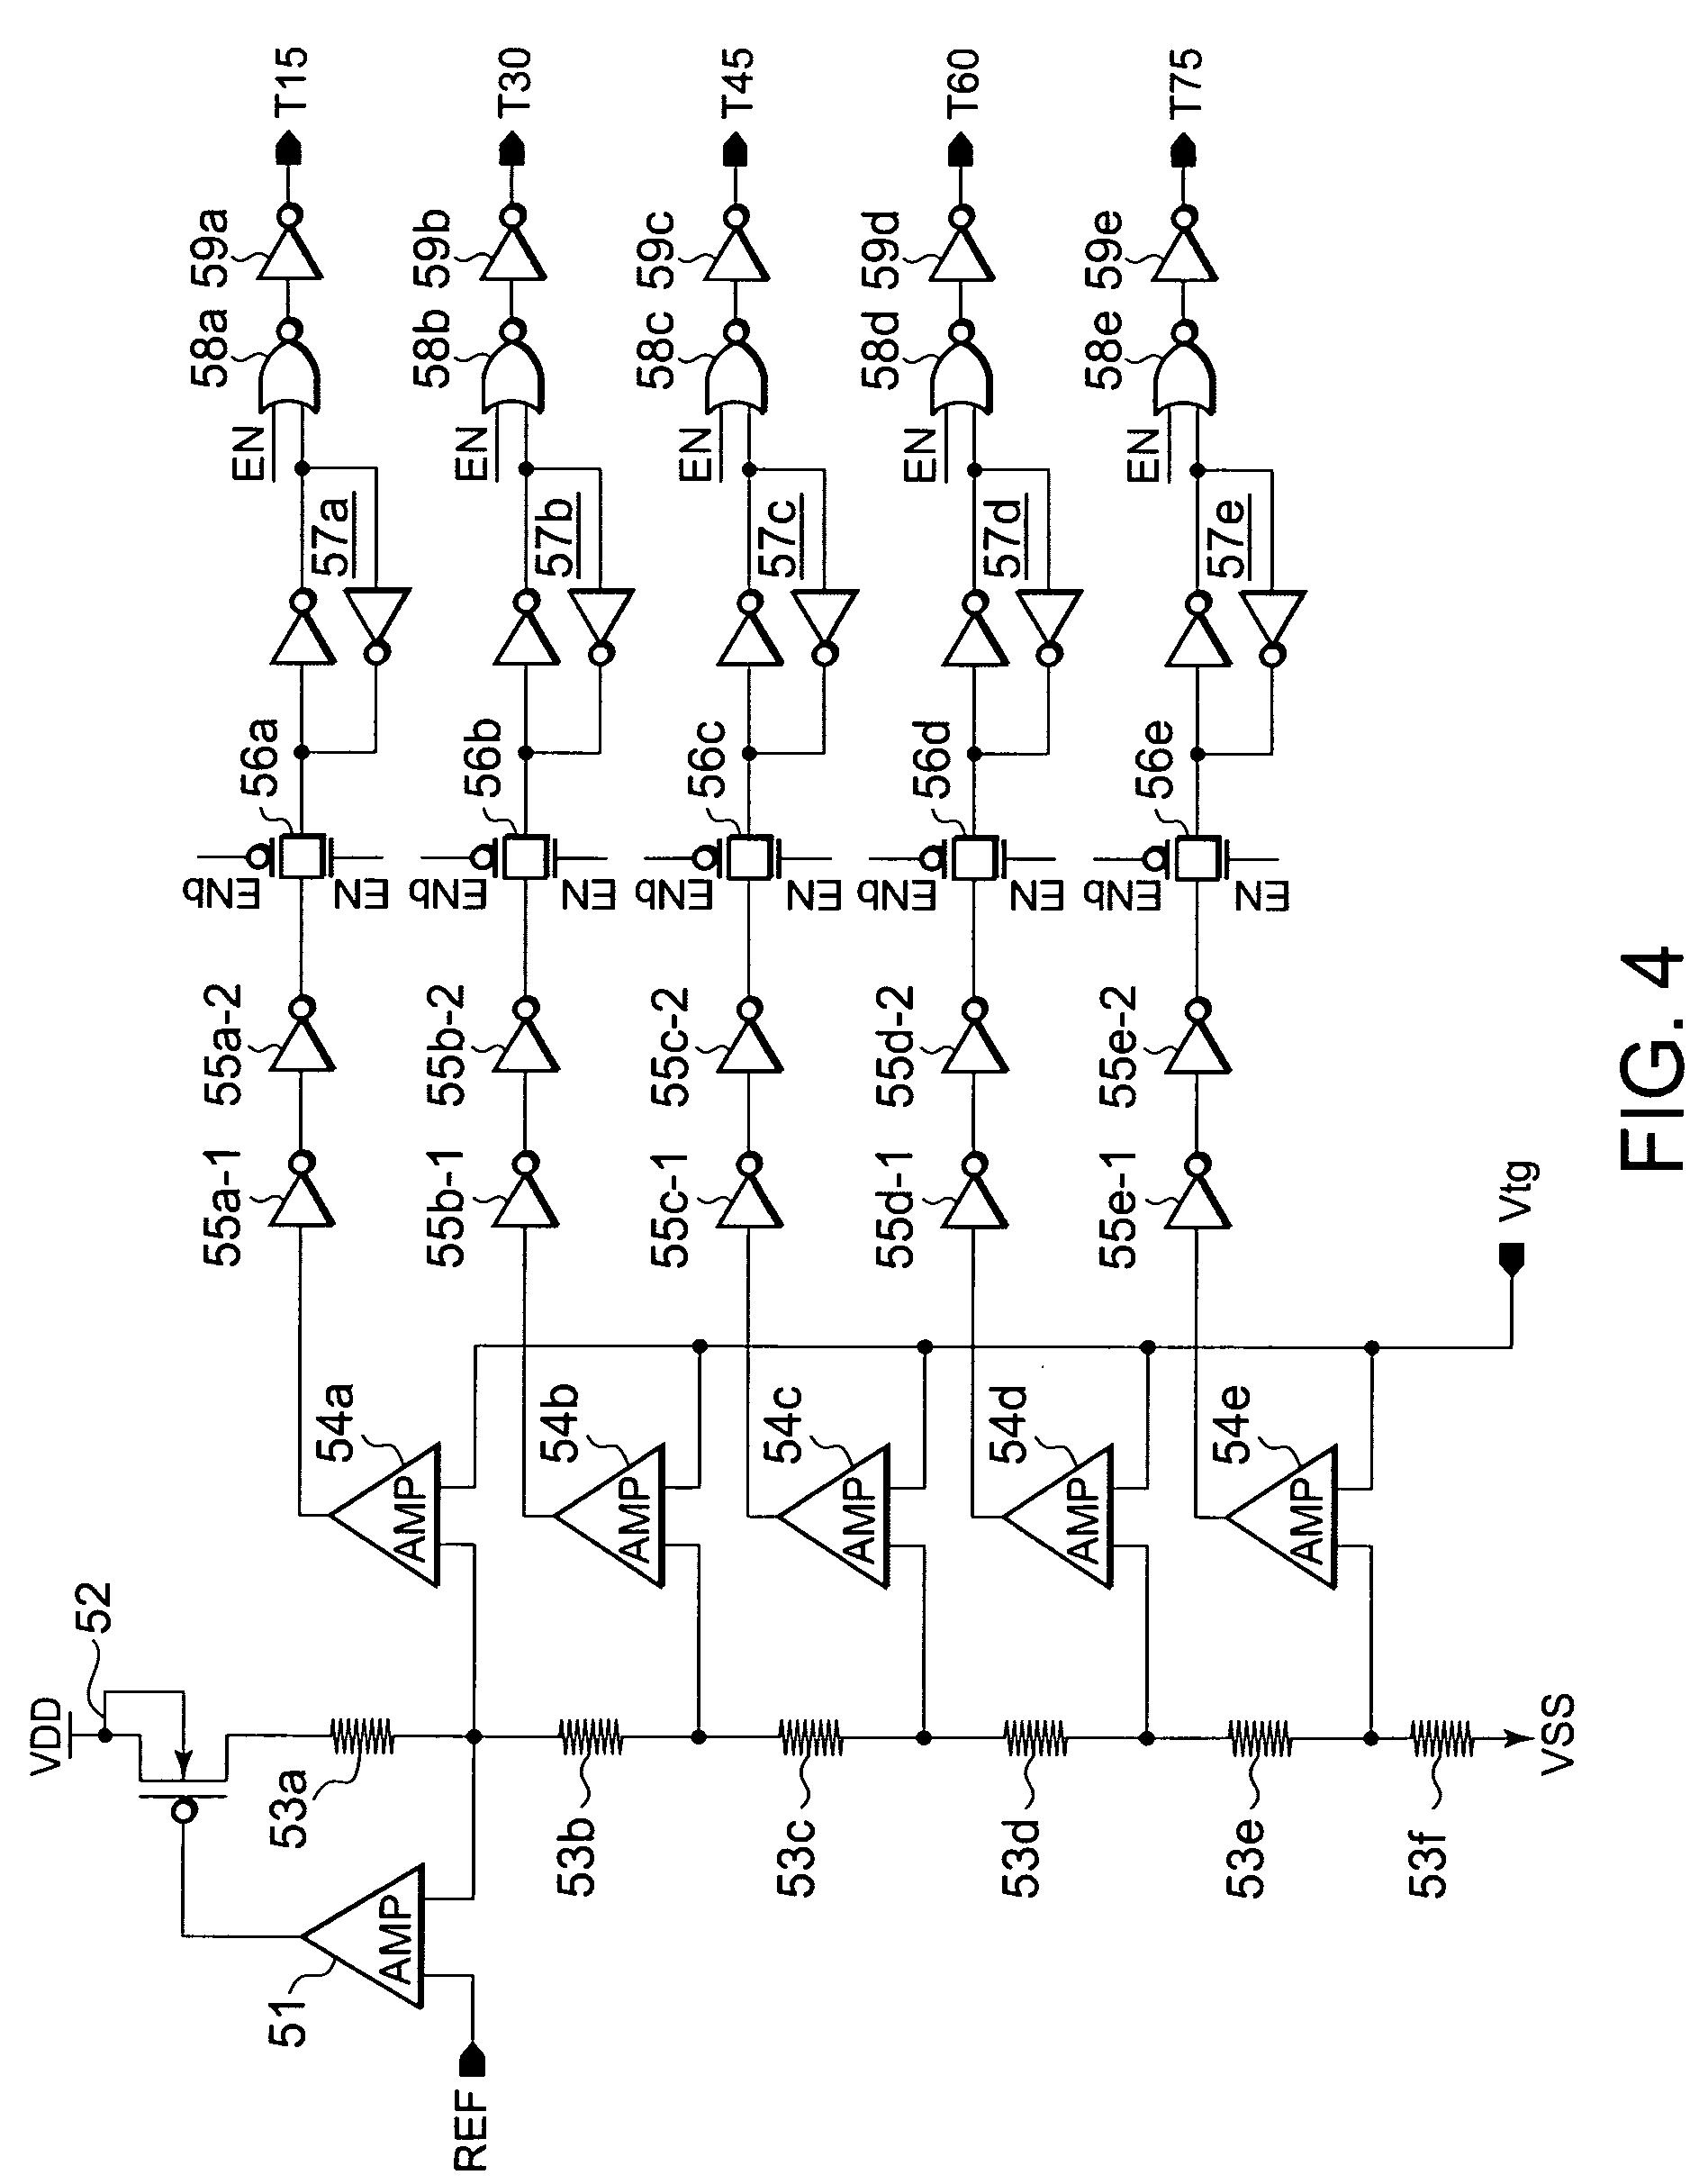 diode wiring wiring diagram database Electrical Wiring diode diagram wiring diagram database switching diode diagram diode wiring